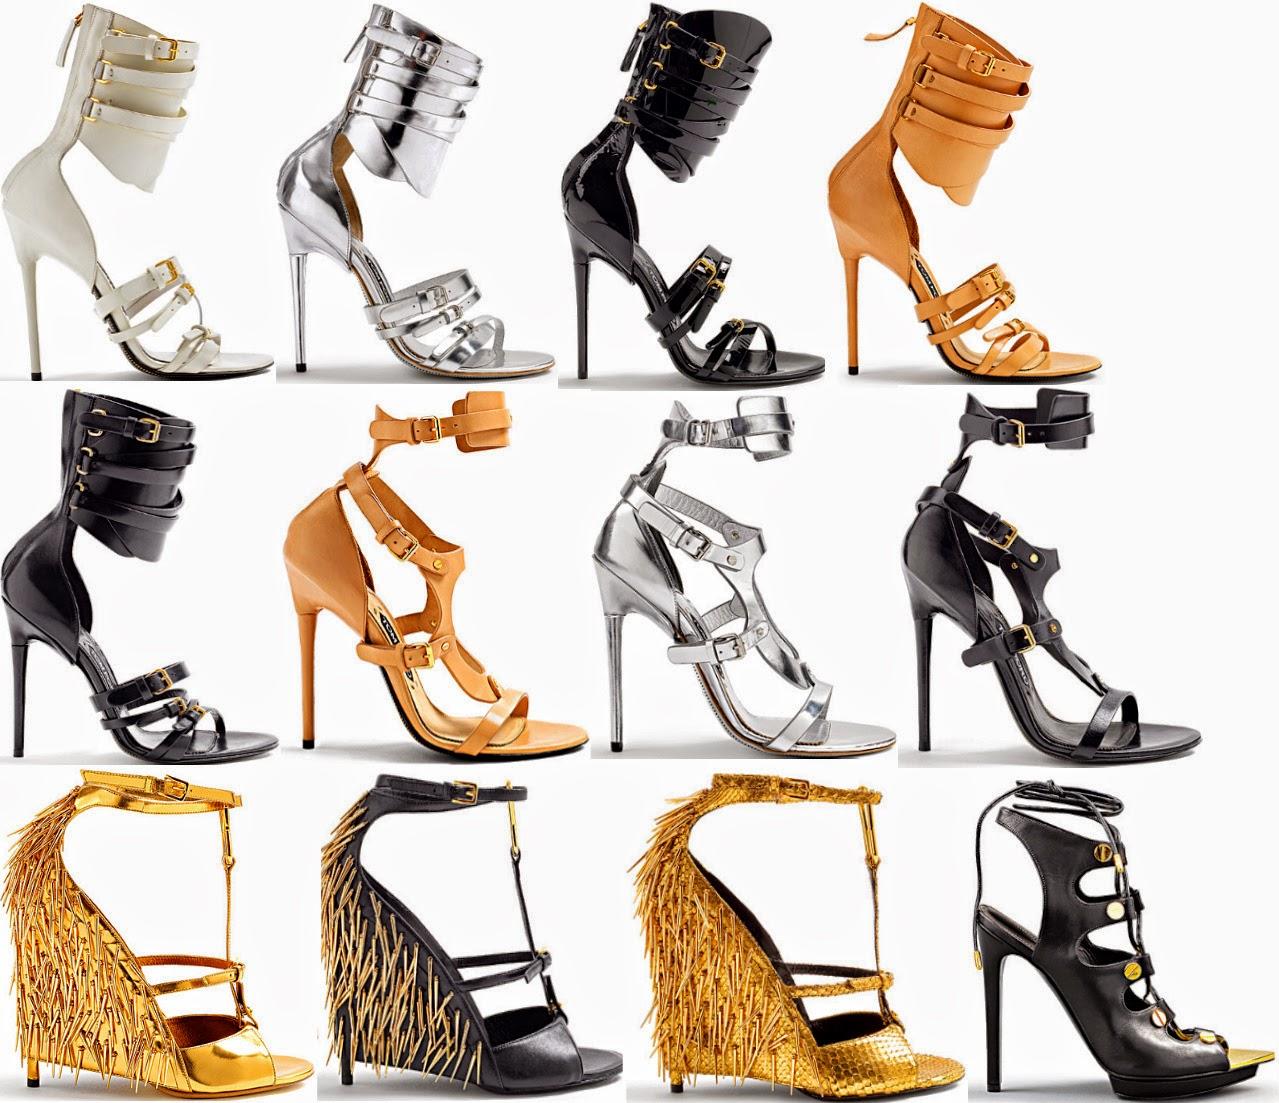 d2c7f68db68e7 كونى مميزة بأختيارك الحذاء الأفضل مع مجموعة أحذية ربيع وصيف 2014 من TOM FORD